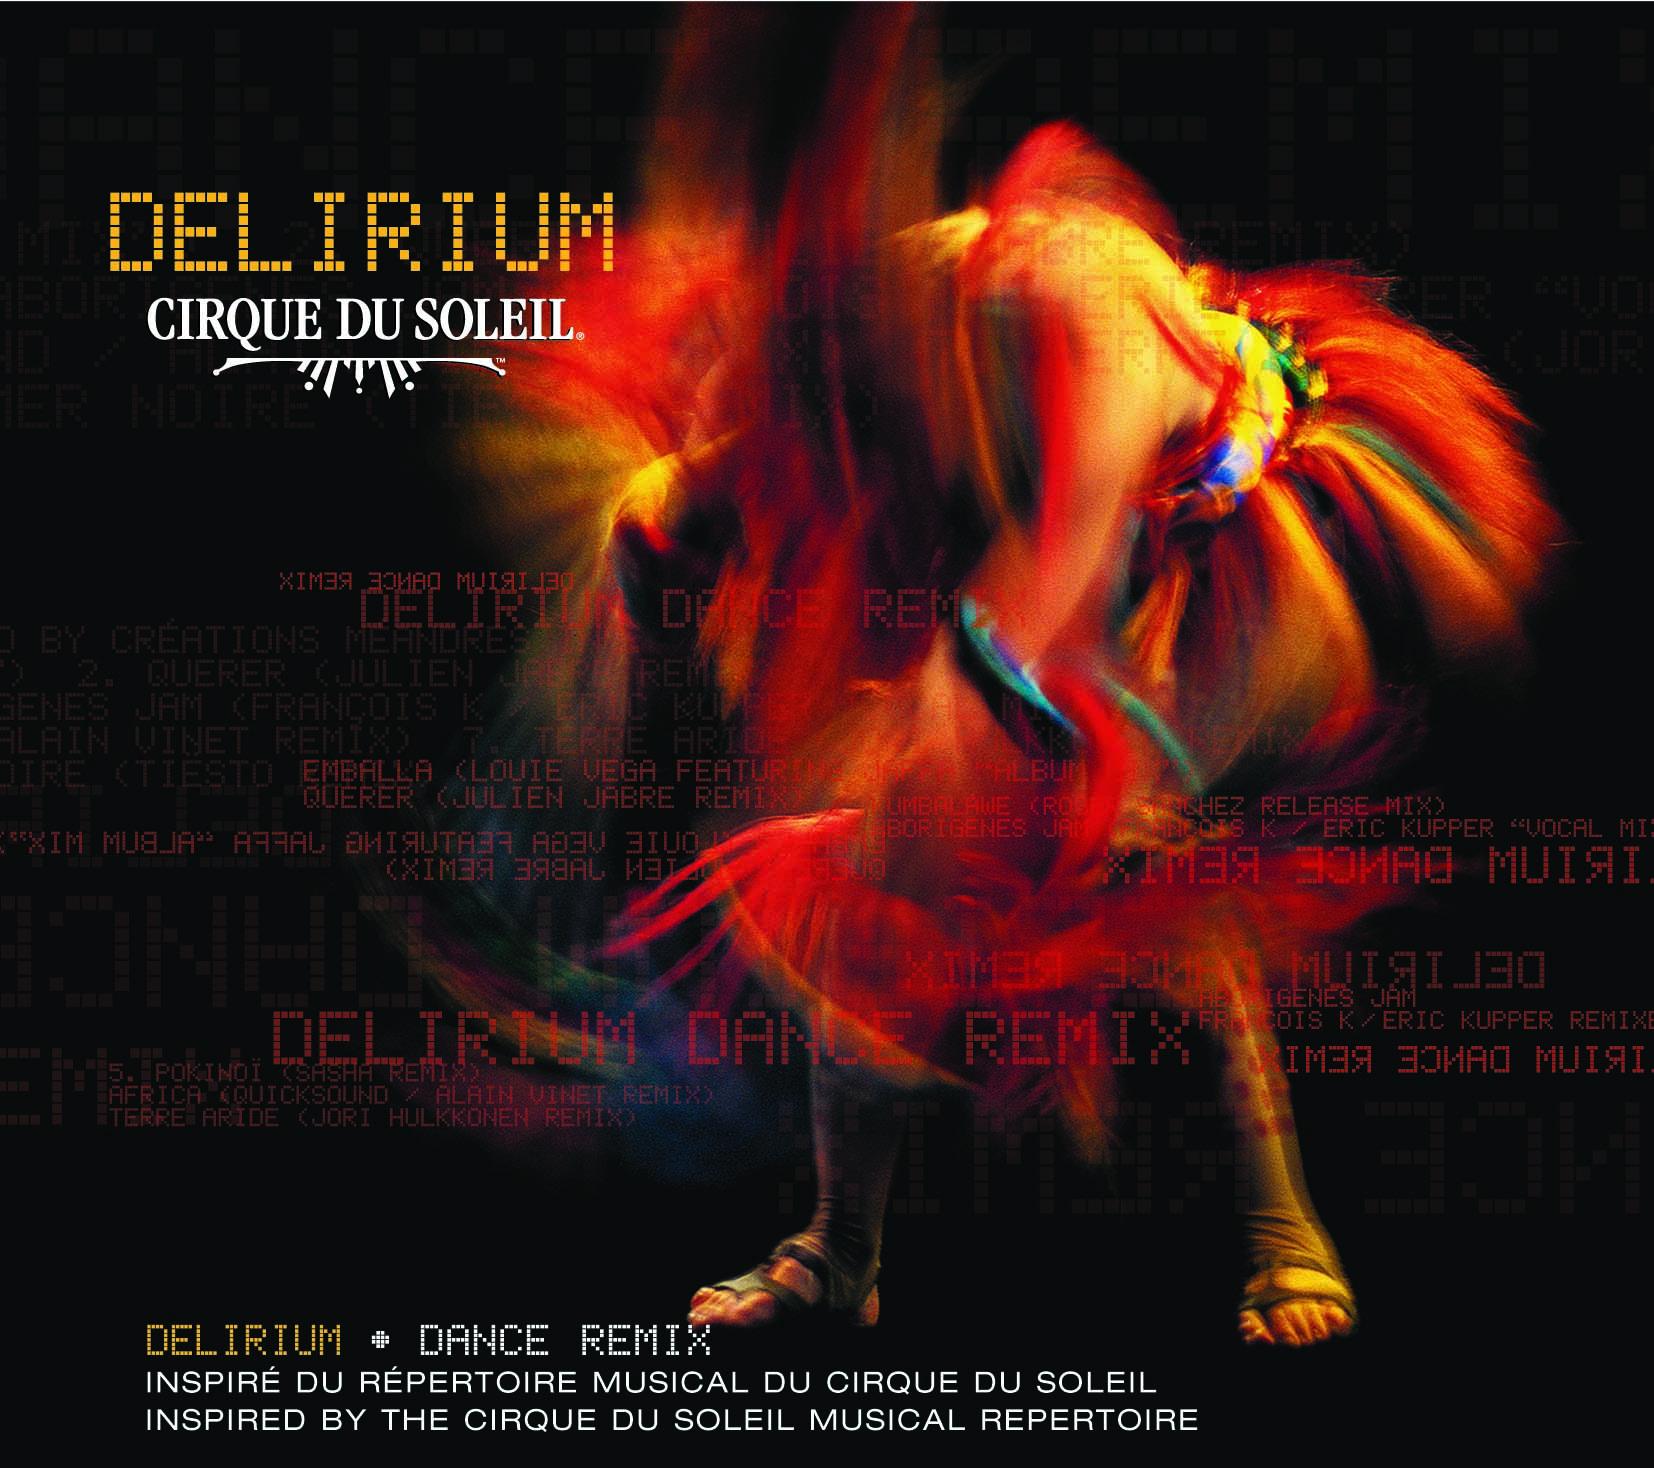 Old delirium.jpg